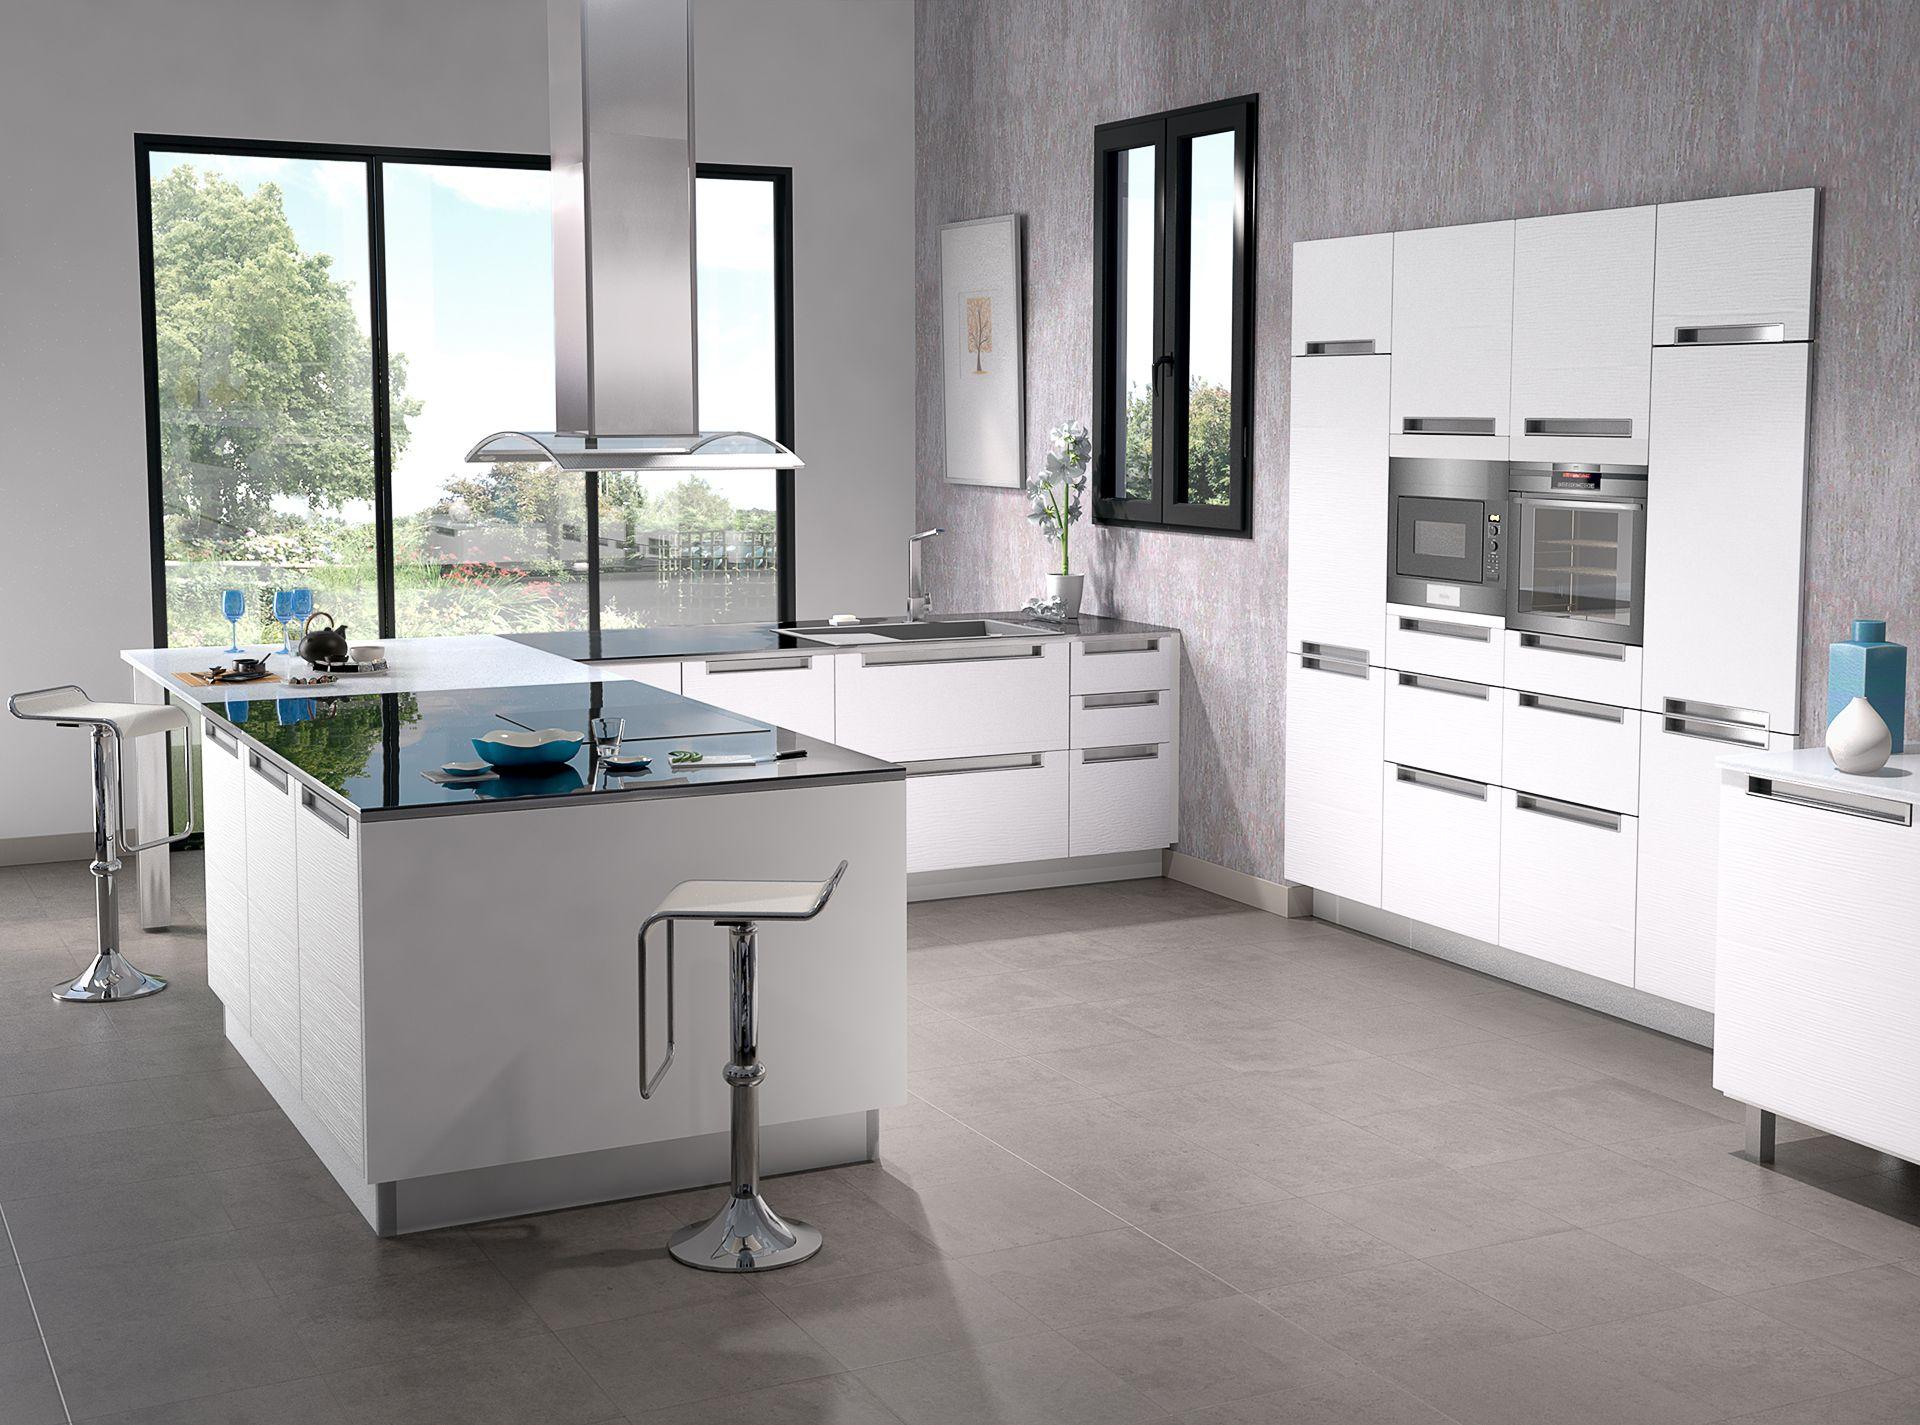 Visuel 3d Hd D Une Cuisine Lapeyre Home Home Decor Kitchen